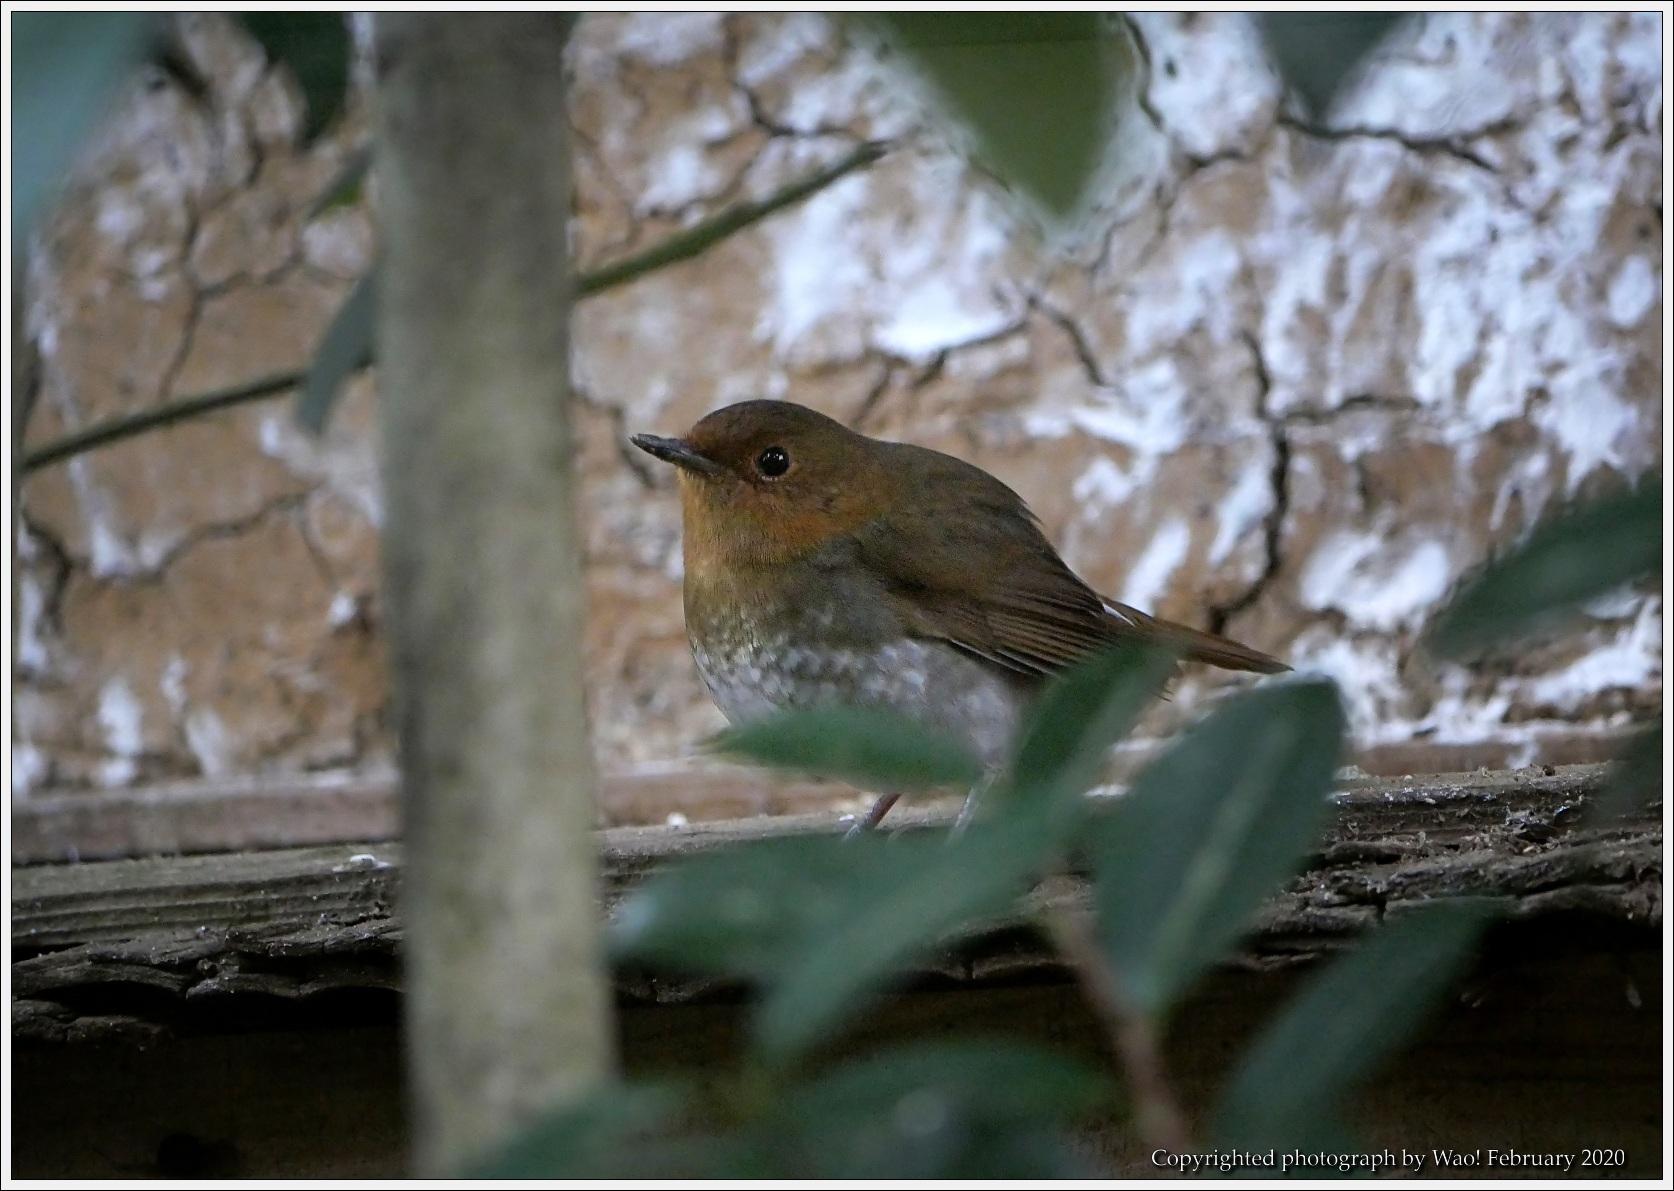 野鳥園のルリ・コマ・キビタキ_c0198669_14142062.jpg